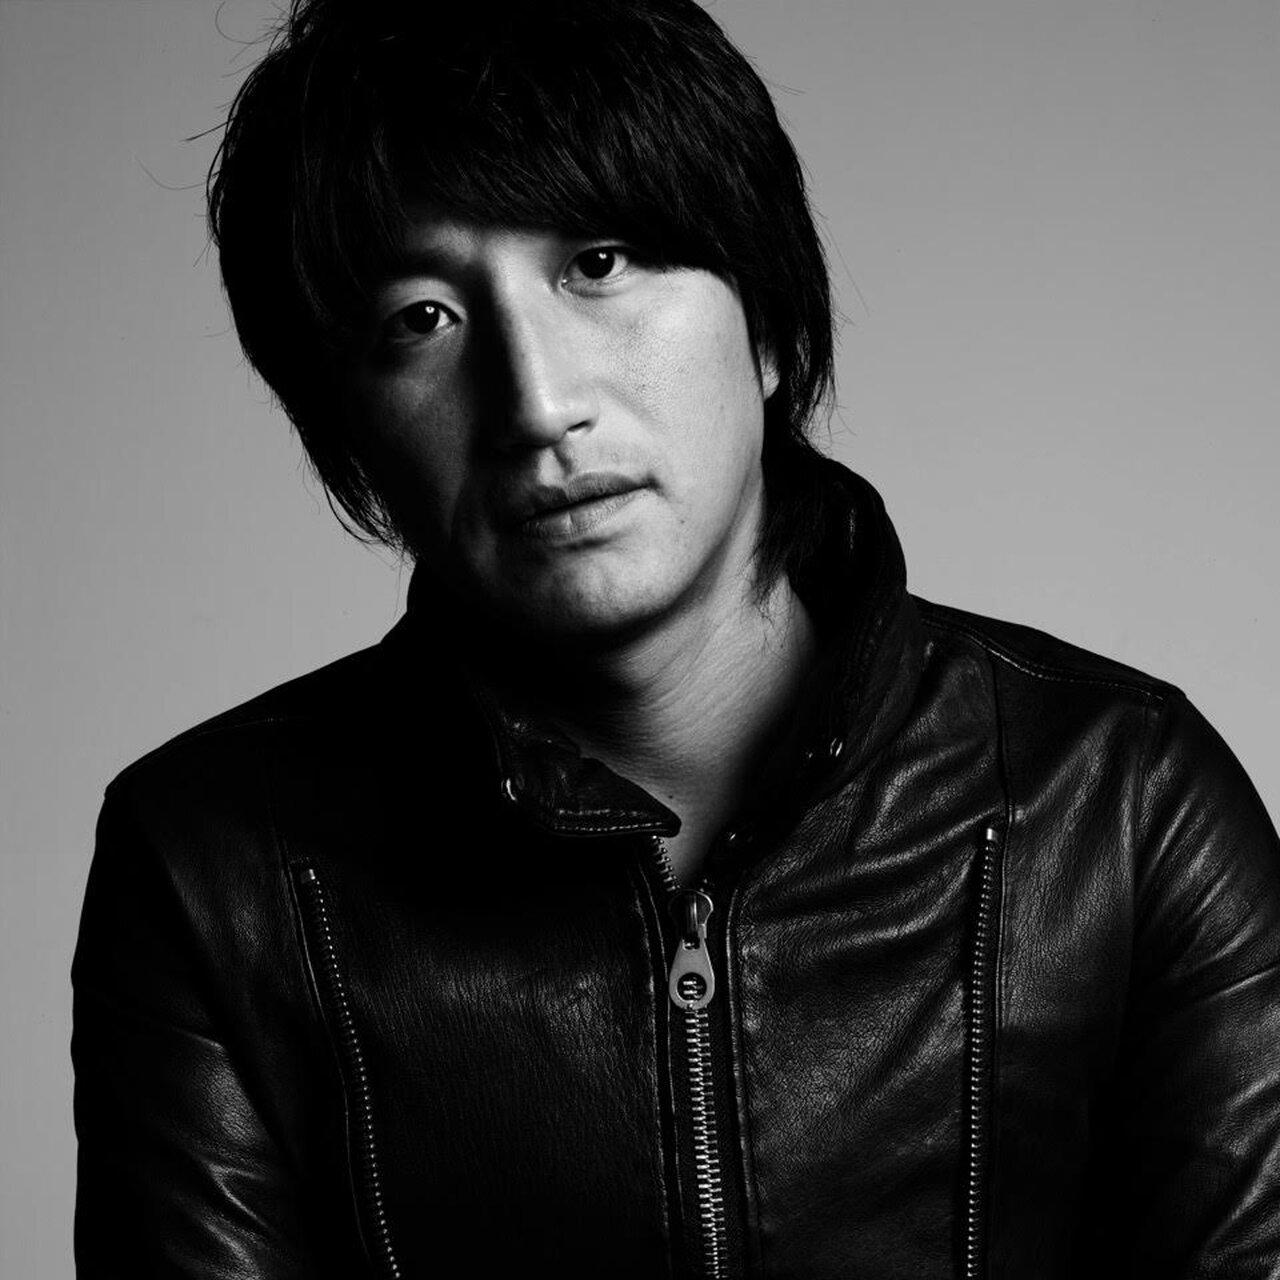 Profile 1972年、長崎県生まれ。多摩美術大学を在学中から独学で靴作りを始め、大きな話題を呼ぶ。1997年にシューズブランドとしてスタート。以後、メンズ・レディースをトータルで手掛けるようになり、ミラノ、パリ、ロンドン、東京でコレクションを展開し、国内外で高い評価を得ている。日本を代表するファッションデザイナーのひとり。